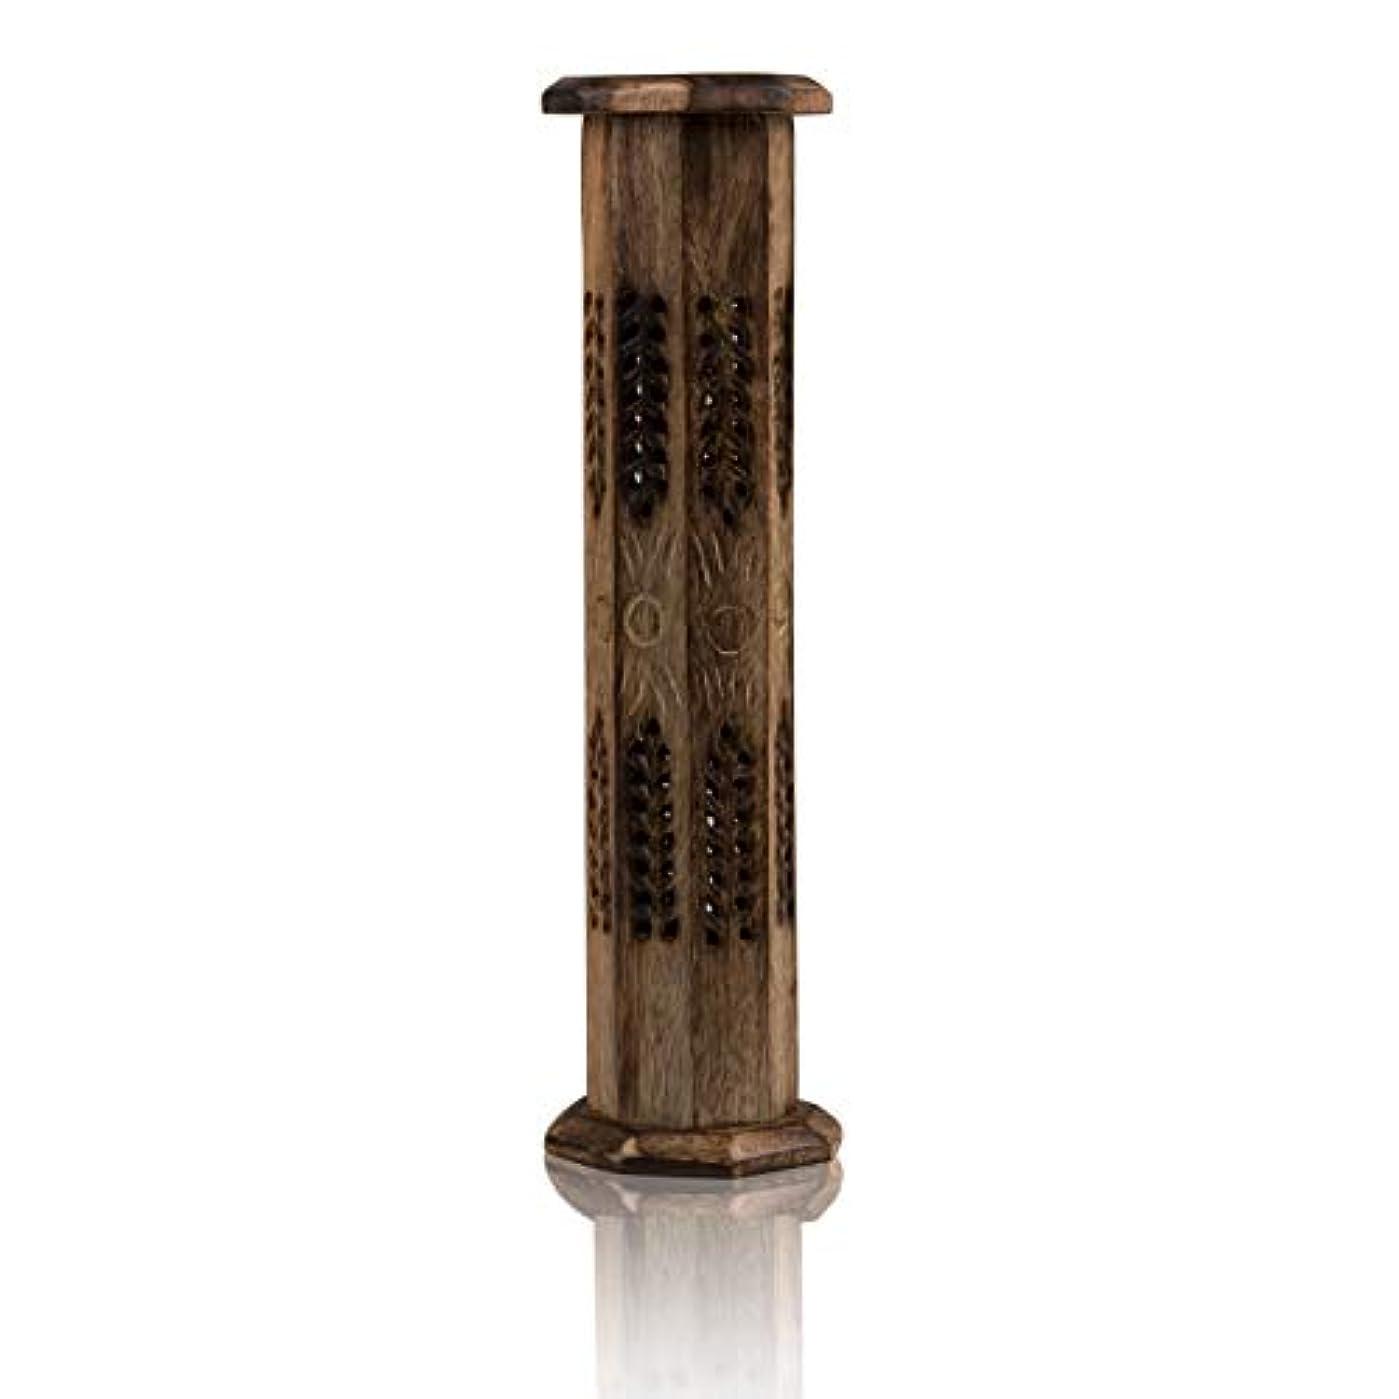 旅行実施するはっきりと木製お香スティック&コーンバーナーホルダー タワー ラージ オーガニック エコフレンドリー アッシュキャッチャー アガーバティホルダー 素朴なスタイル 手彫り 瞑想 ヨガ アロマセラピー ホームフレグランス製品